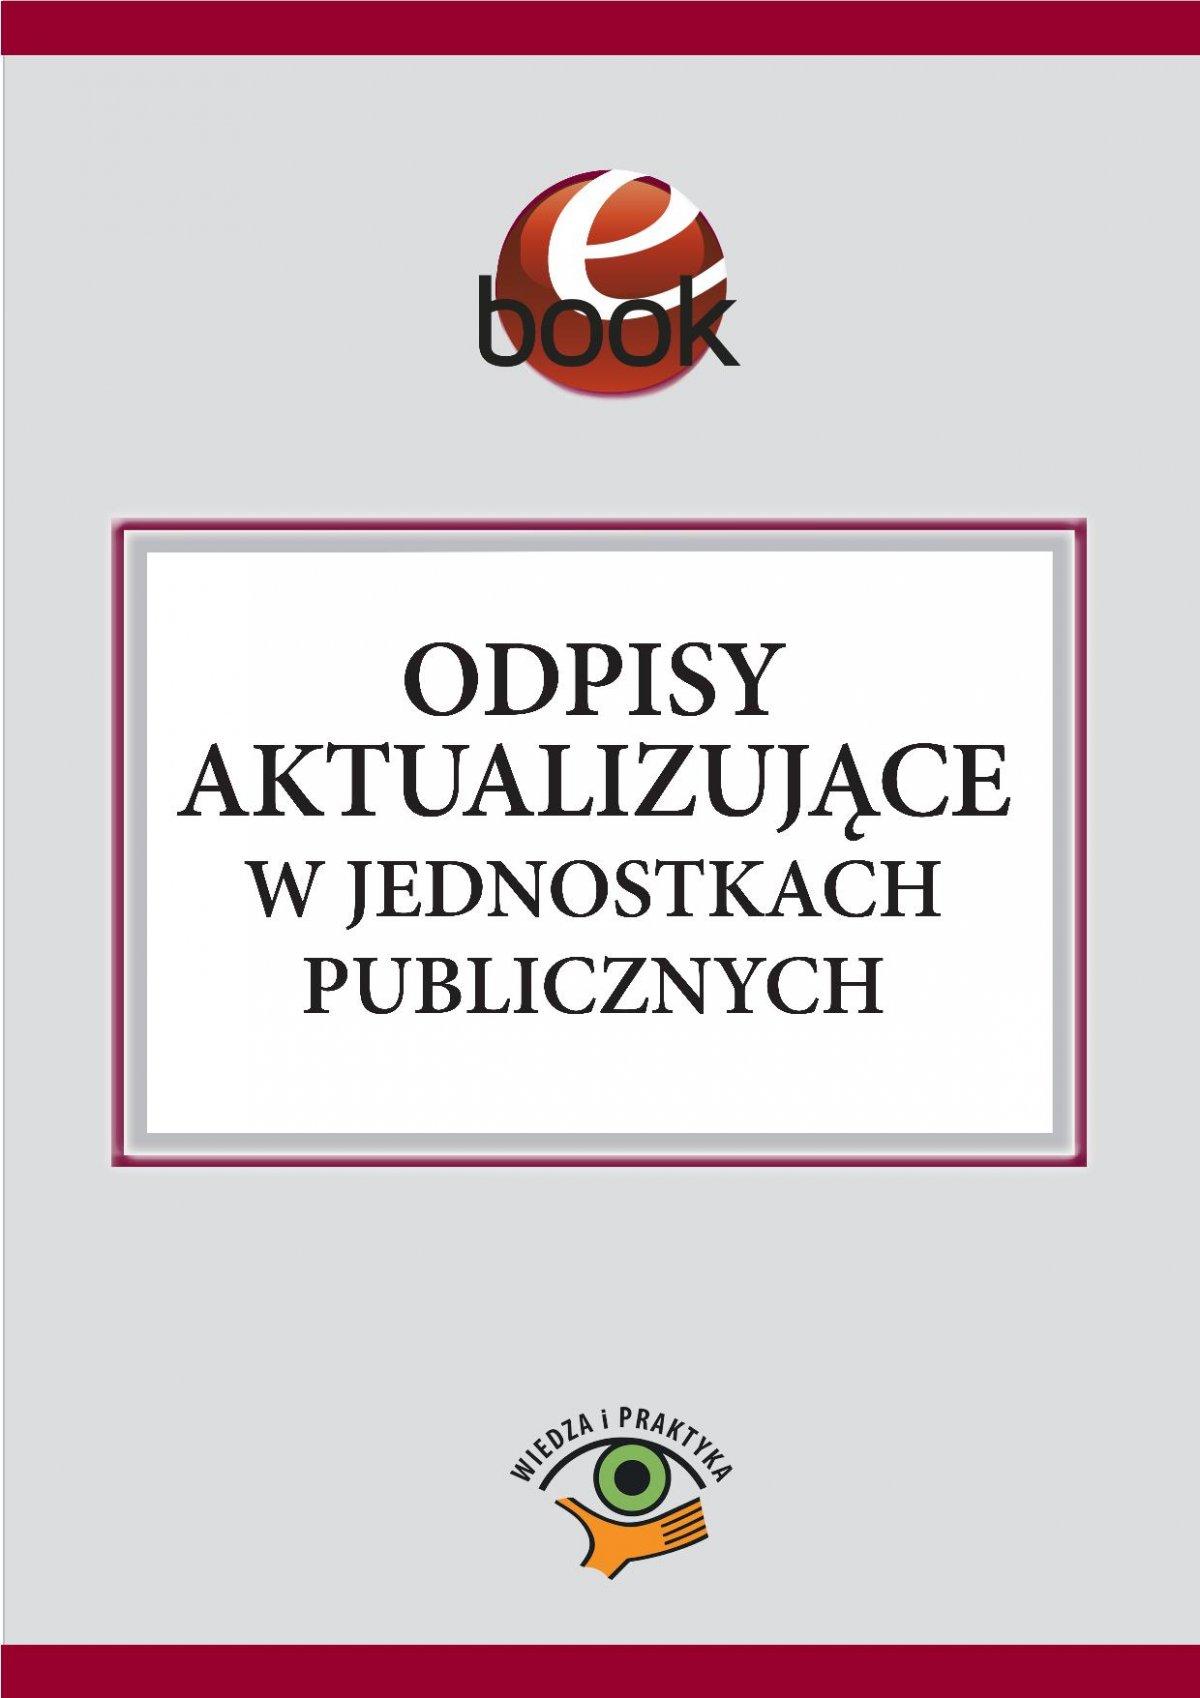 Odpisy aktualizujące w jednostkach publicznych - Ebook (Książka PDF) do pobrania w formacie PDF